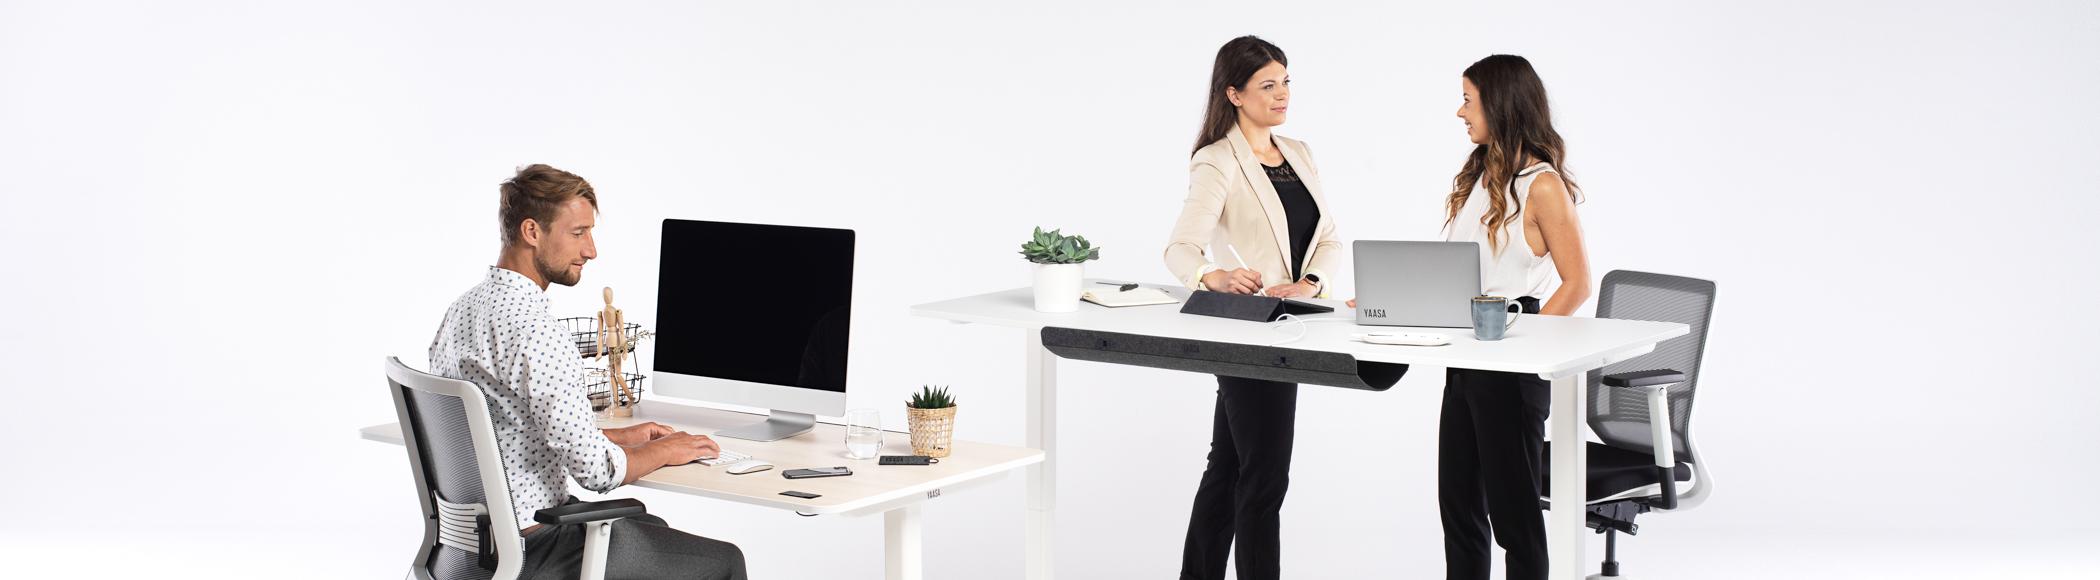 Ein mit Yaasa ausgestattetes Büro ist Voraussetzung für eine ergonomische, gesunde und produktive Arbeitsweise.